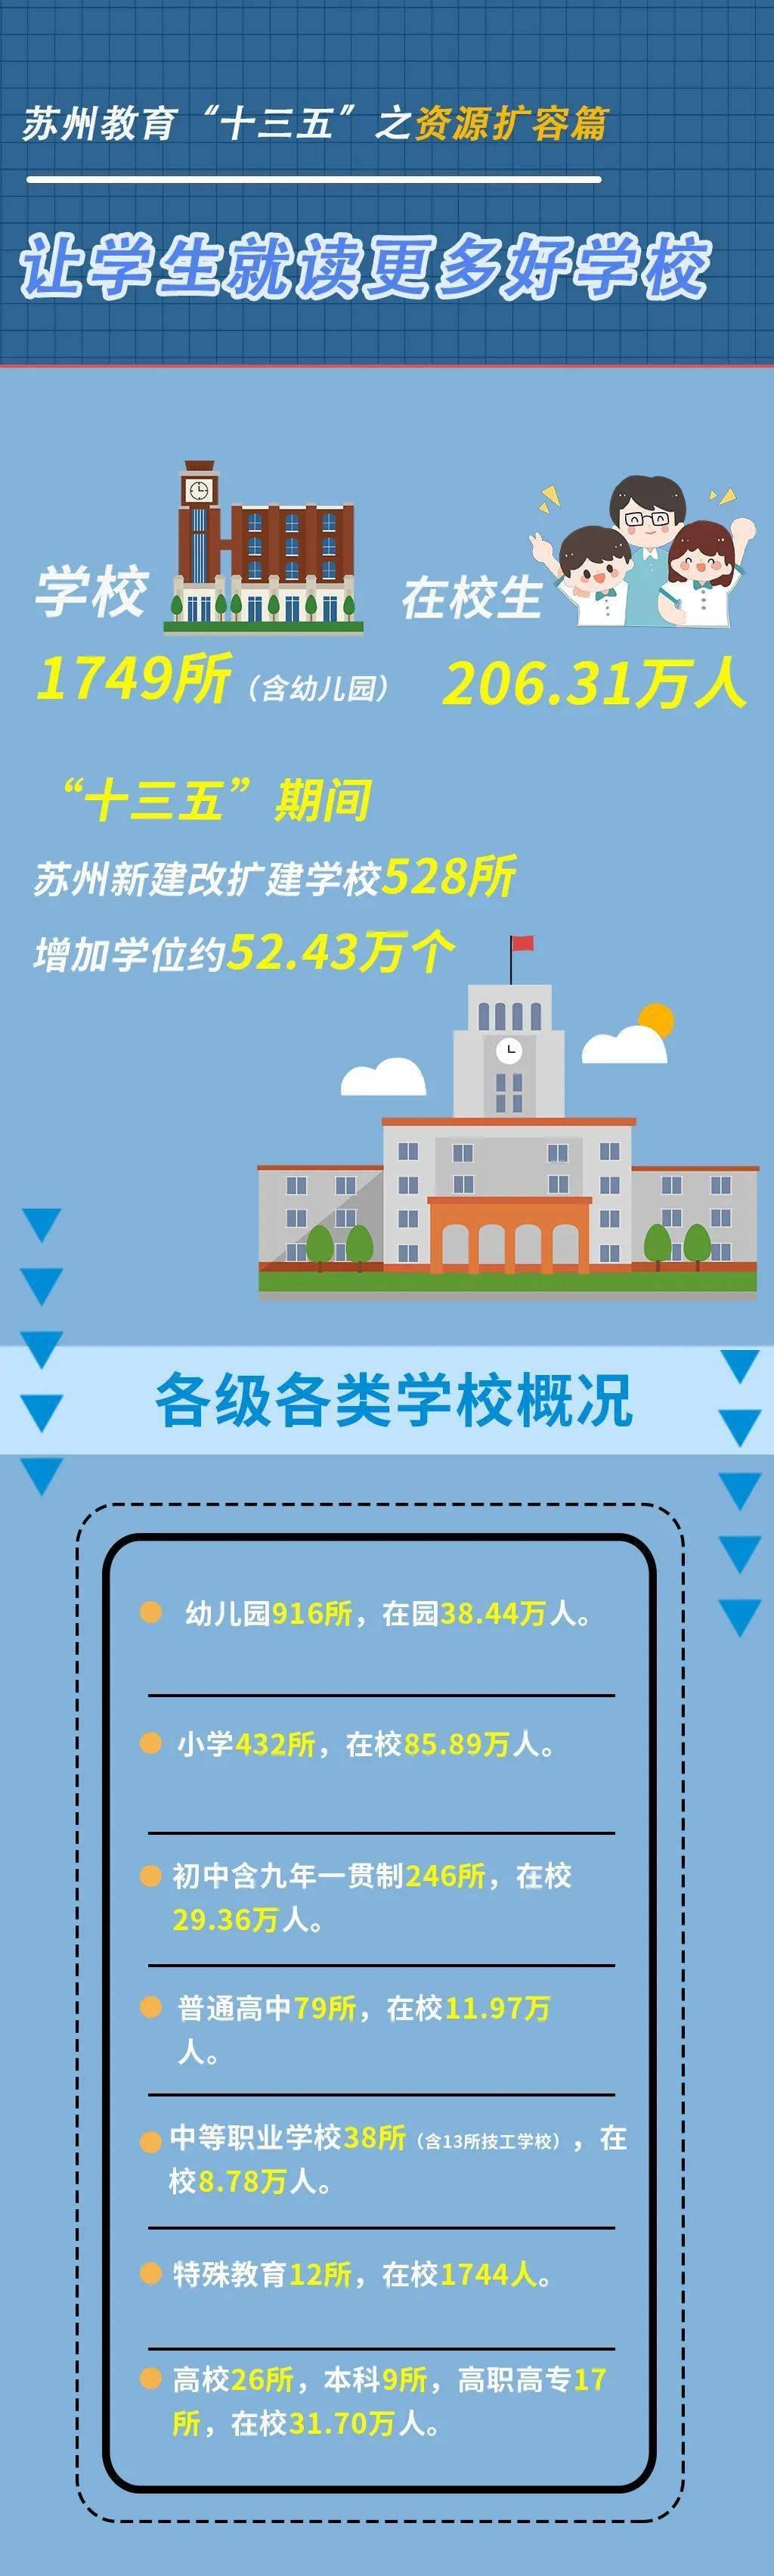 """苏州教育""""十三五""""之资源扩容篇:让学生就读更多好学校  第1张"""